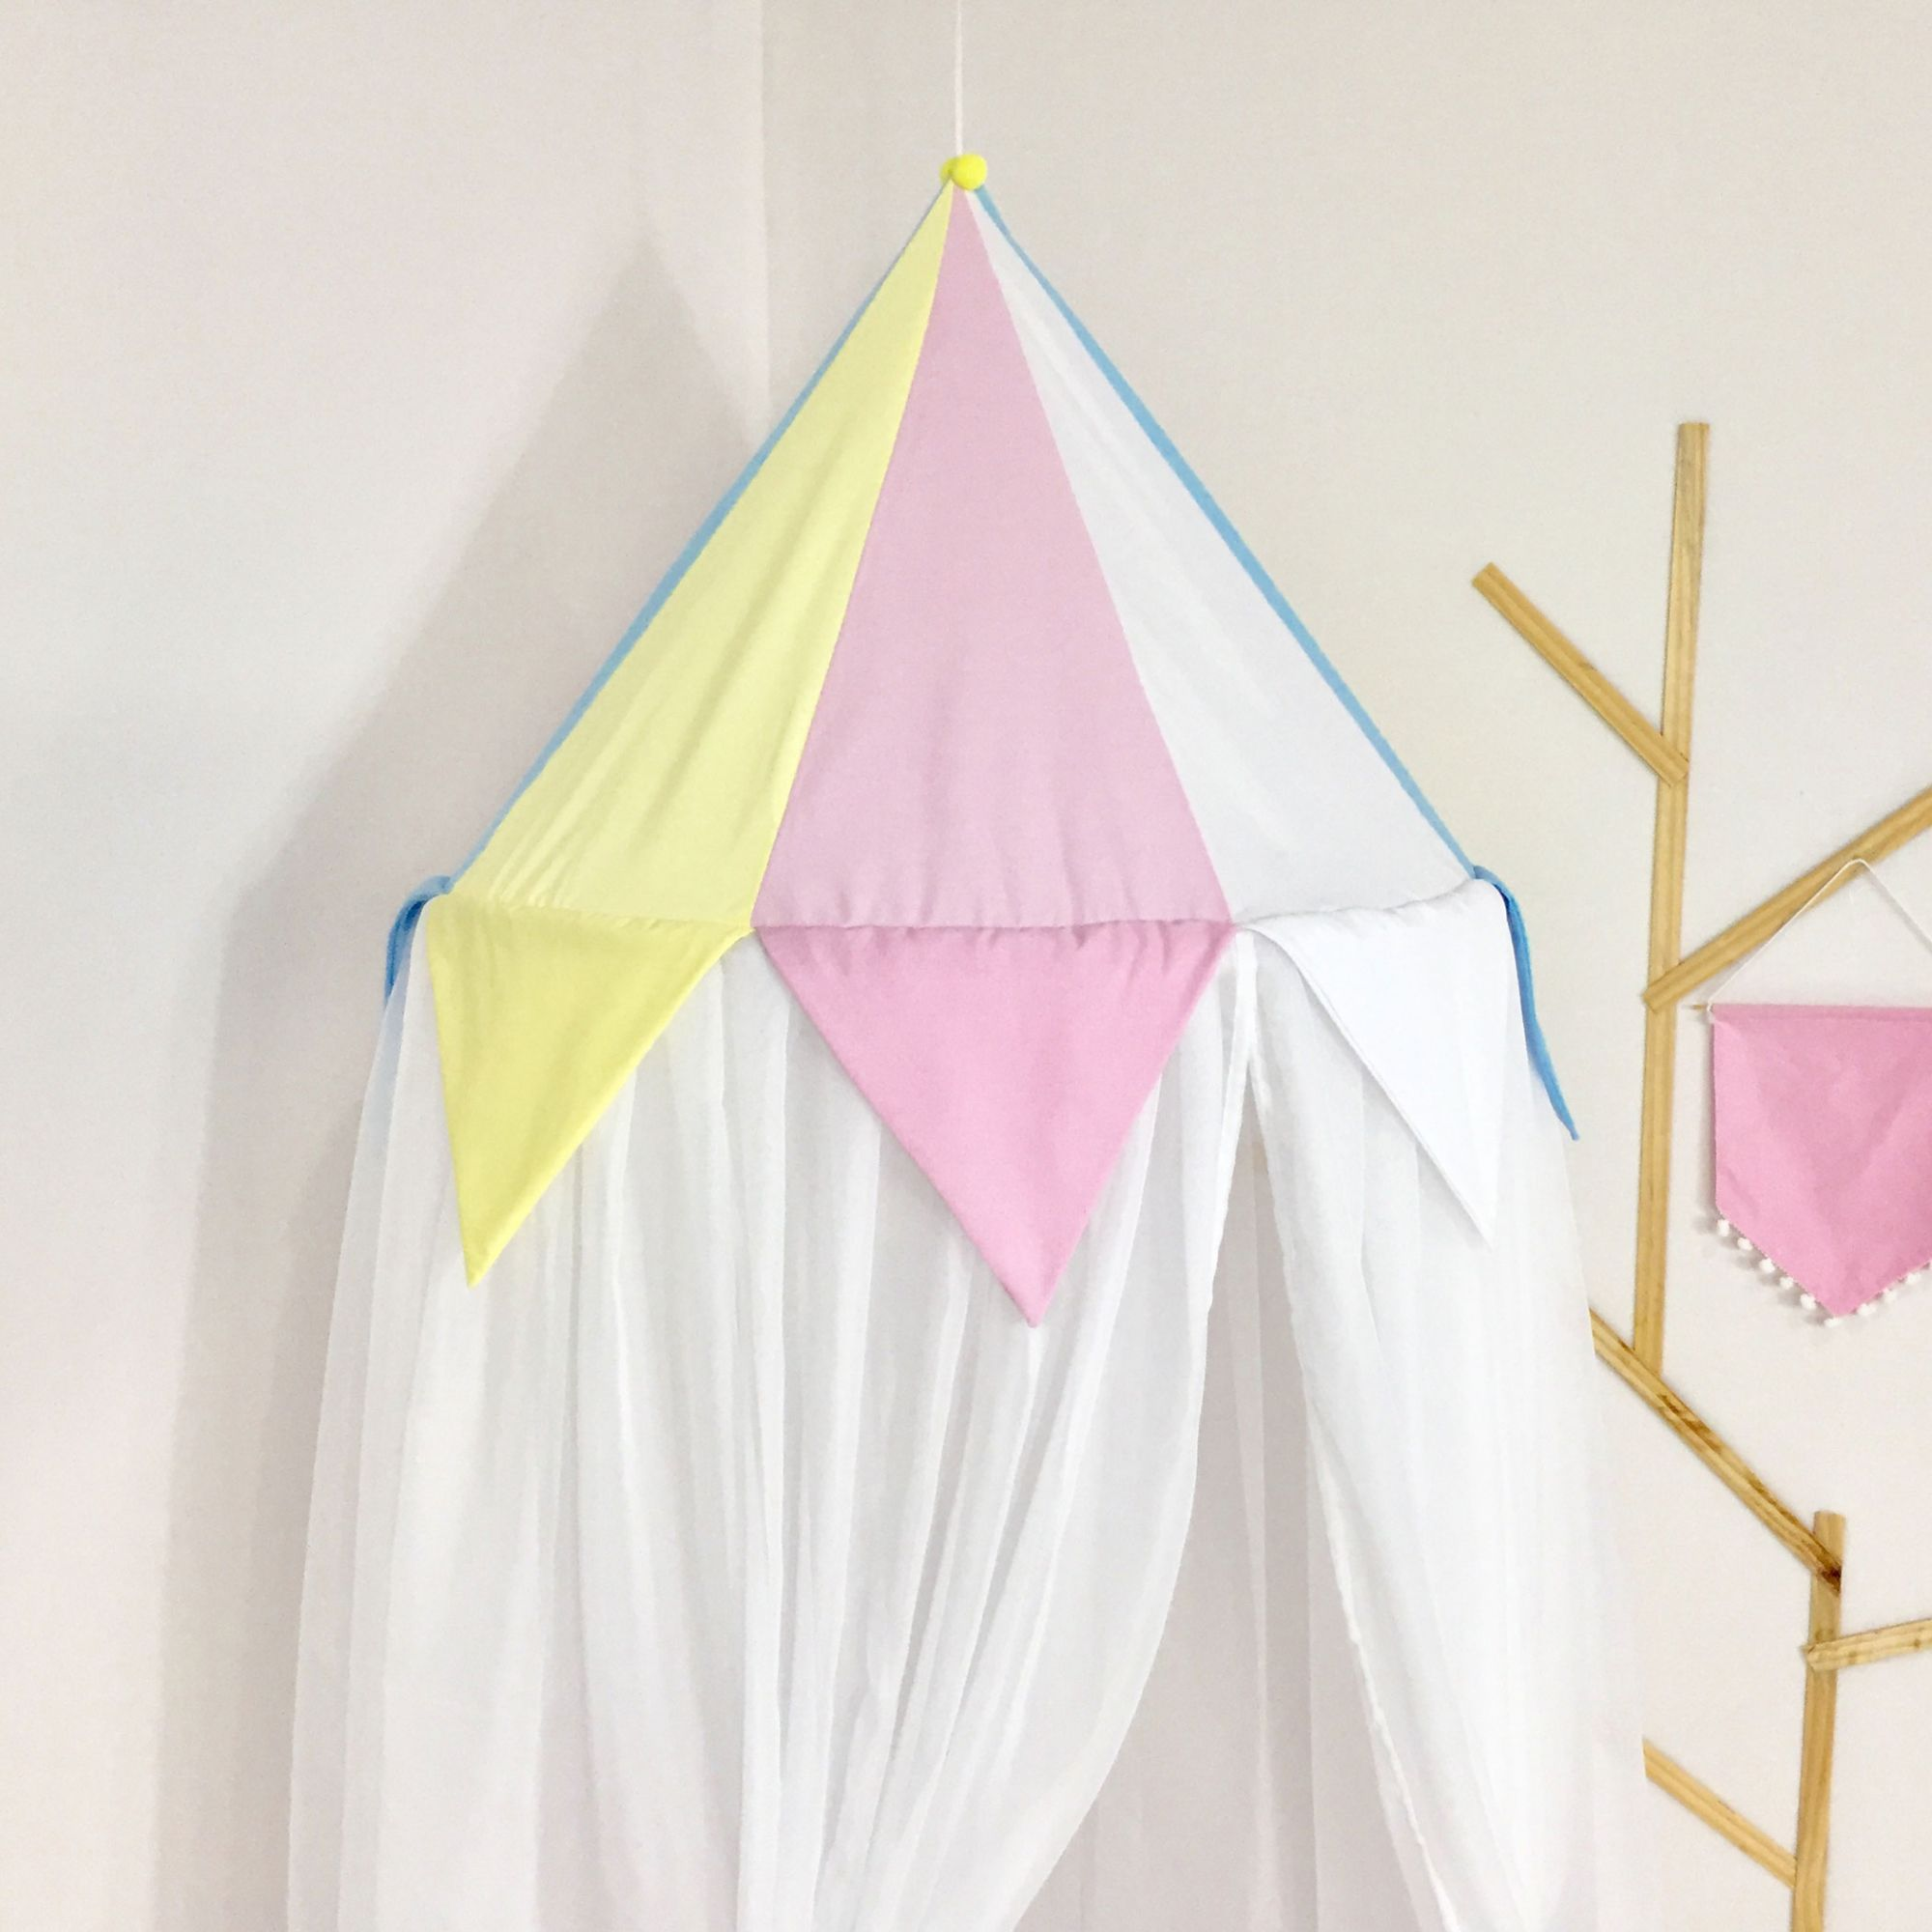 Kit 3 Peças Tenda Cabaninha de Teto Infantil Arco-Íris com Tapete e Almofada Rosa Azul e Amarelo